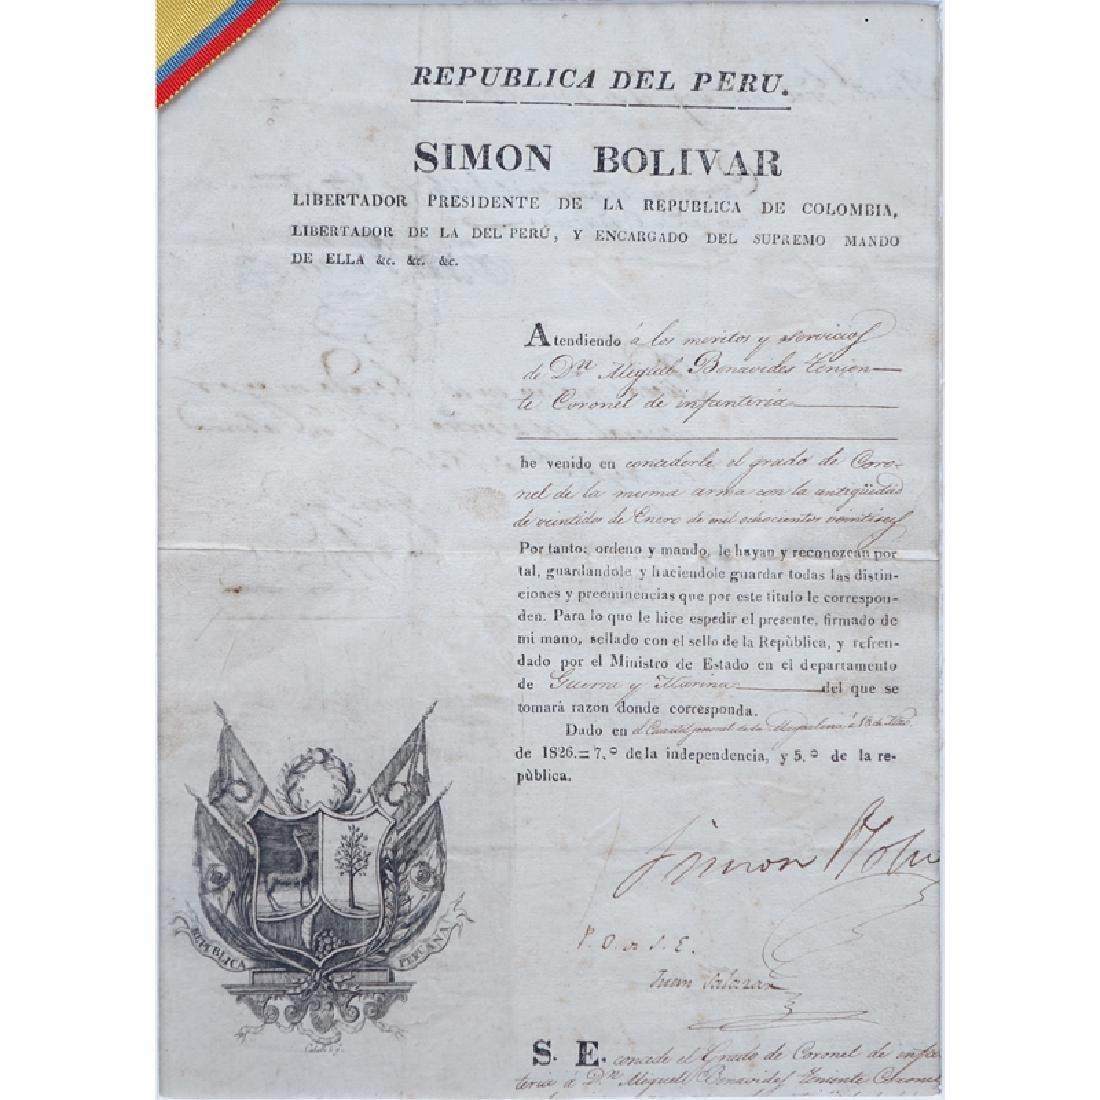 Simon Bolivar (1783 - 1830) Document Signed as